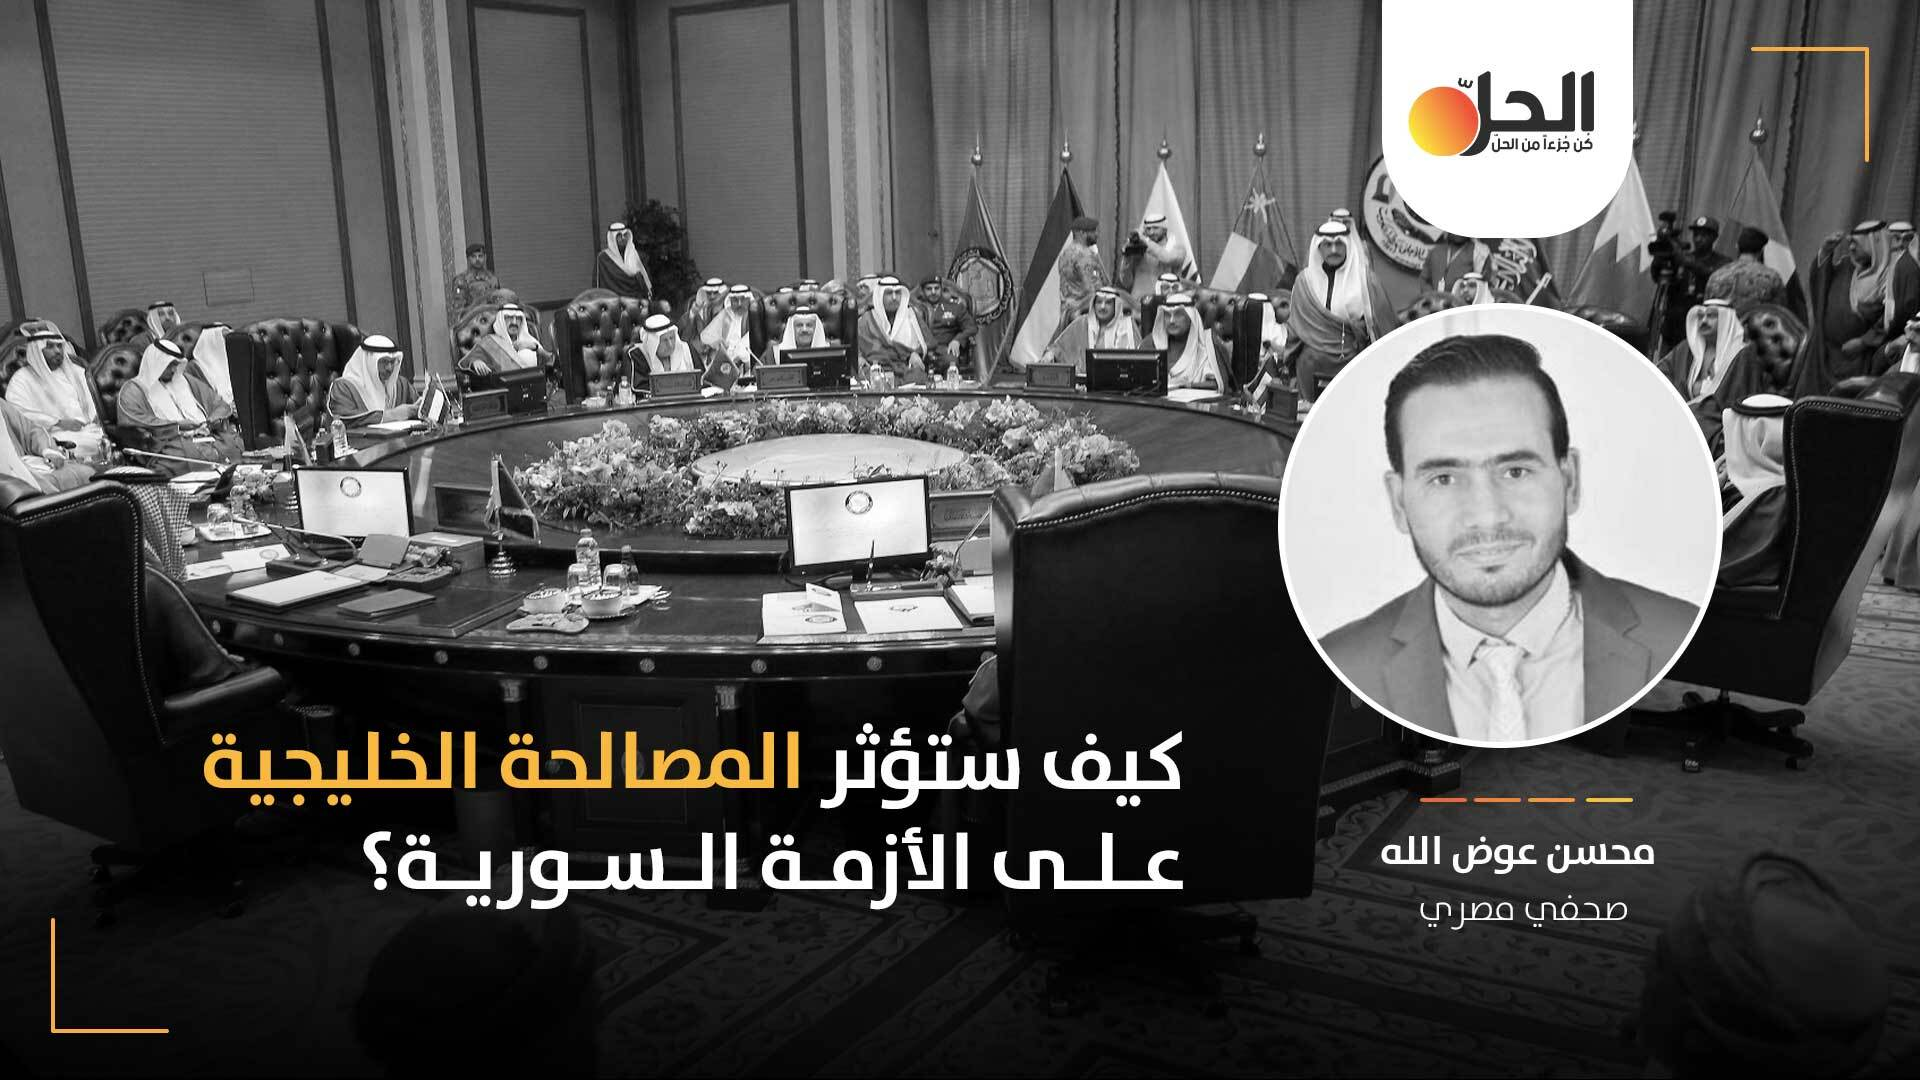 المصالحة الخليجية: هل يمكن للاتفاق السعودي-القطري تحجيم الدور التركي في سوريا؟